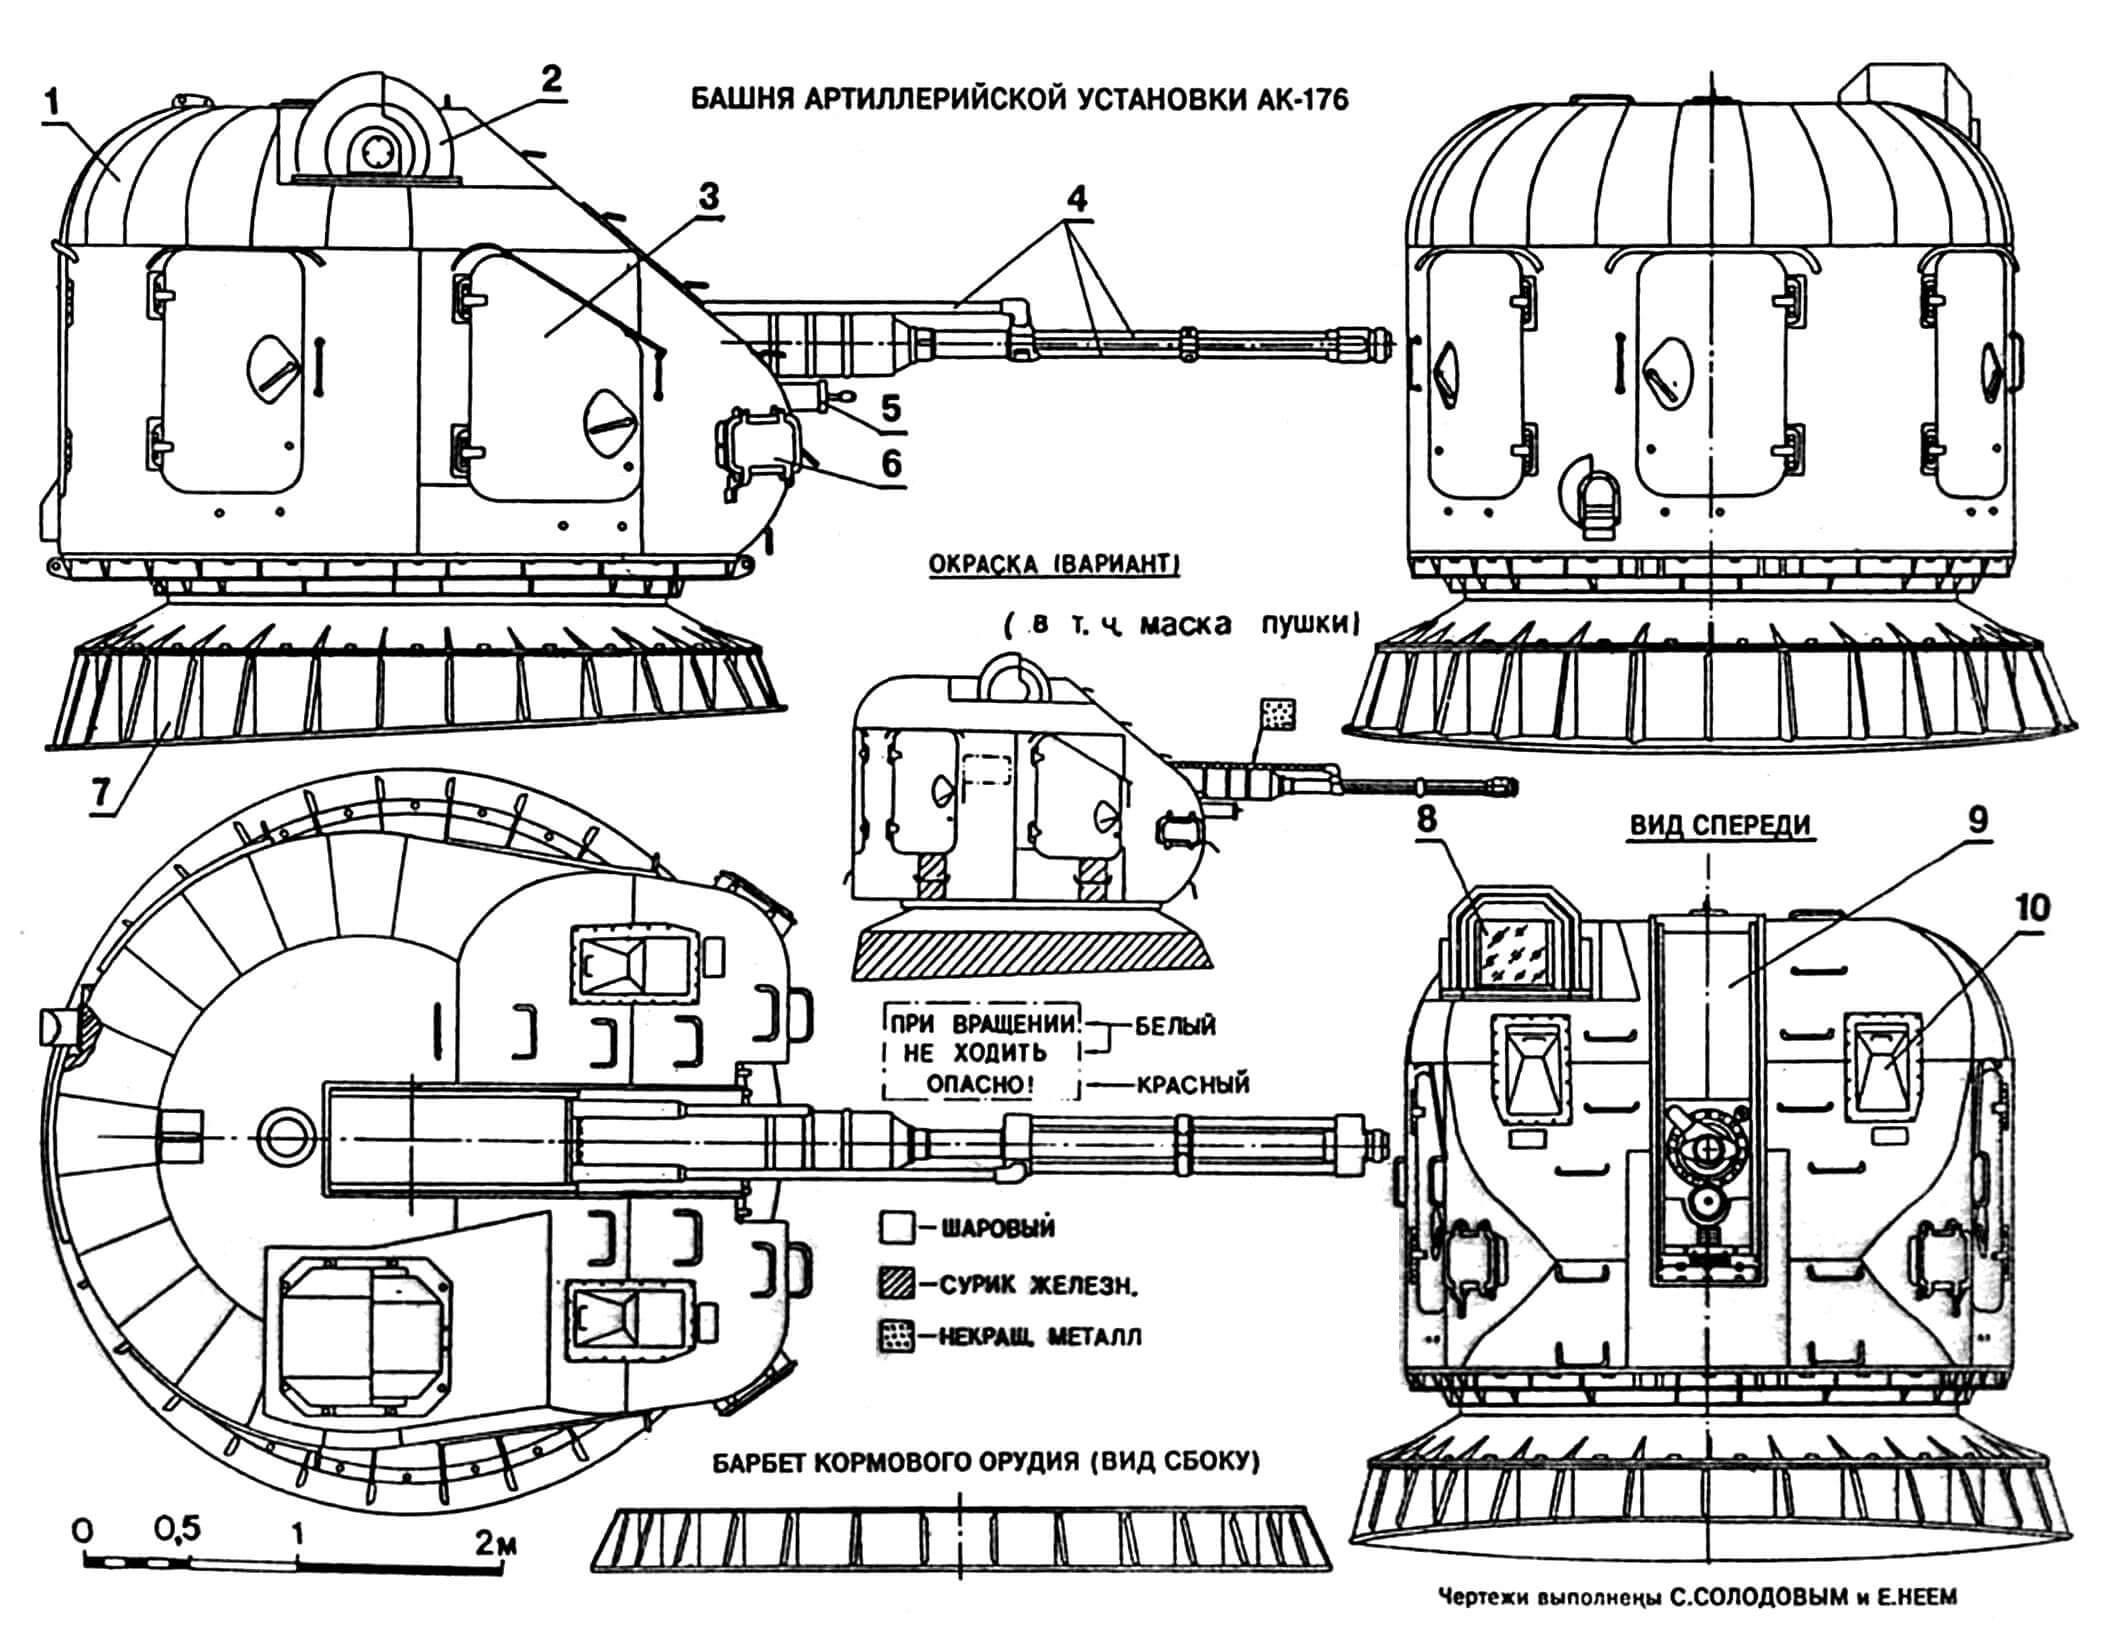 Башня артиллерийской установки АК-176: 1 — башня, 2 — бронеколпак прицела, 3 — дверь, 4 — трубы системы охлаждения ствола пушки, 5 — цилиндр тормоза отката, 6 — ящик ЗИП, 7 — барбет носового орудия, 8 — прицельное устройство «Конденсор-221 А» полуавтоматической наводки (бронеколпак открыт), 9 — маска пушки, 10 — бронезащита визир-дублеров для ручной наводки (левый и правый).